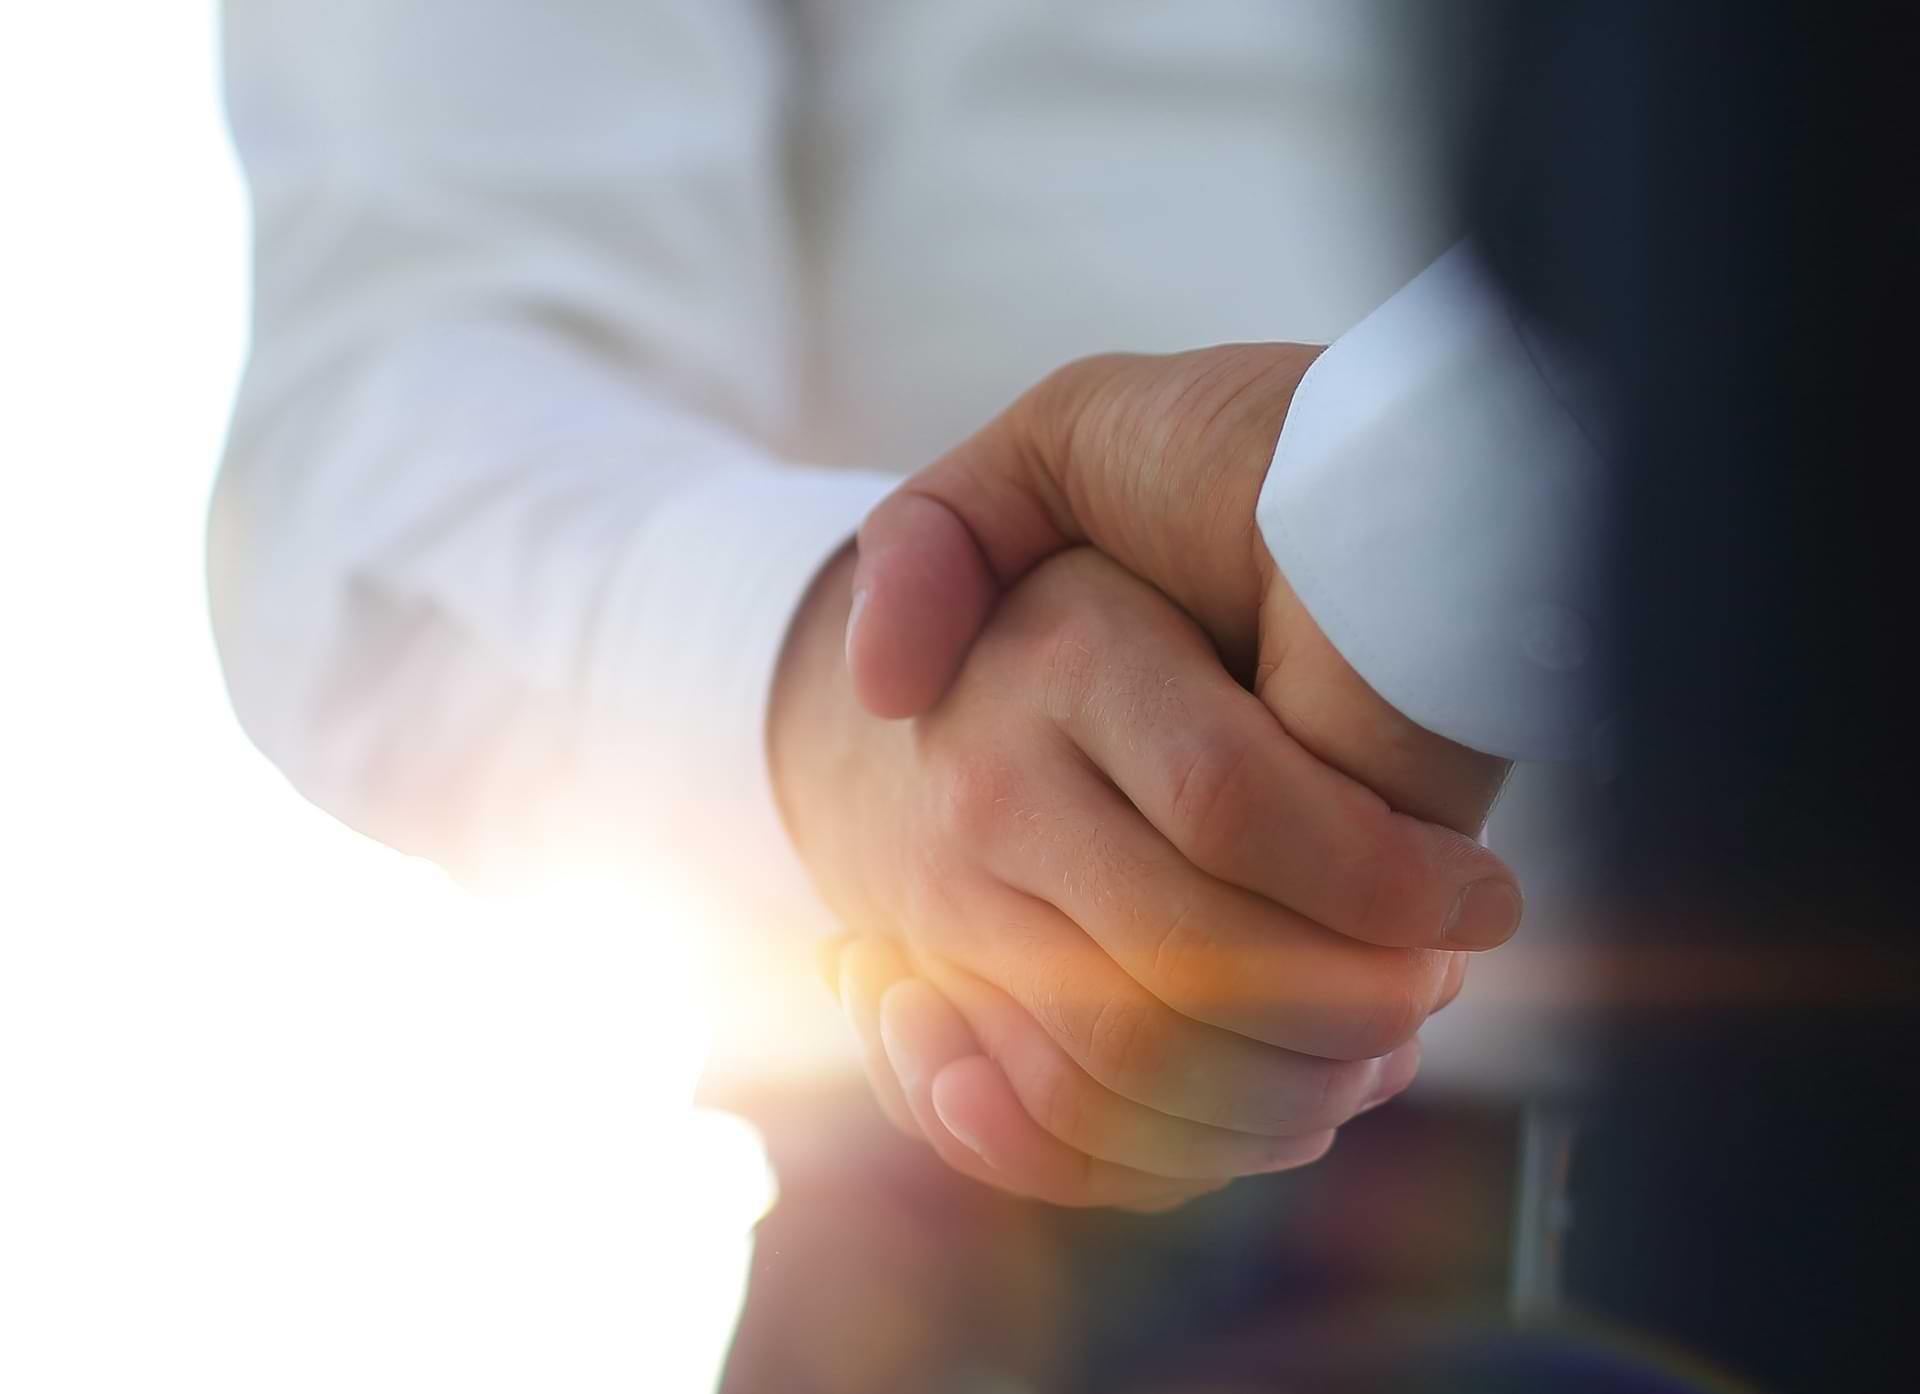 Zwei männliche Hände machen einen geschäftlichen Händedruck in einem hellen Hintergrund mit Sonnenschein.